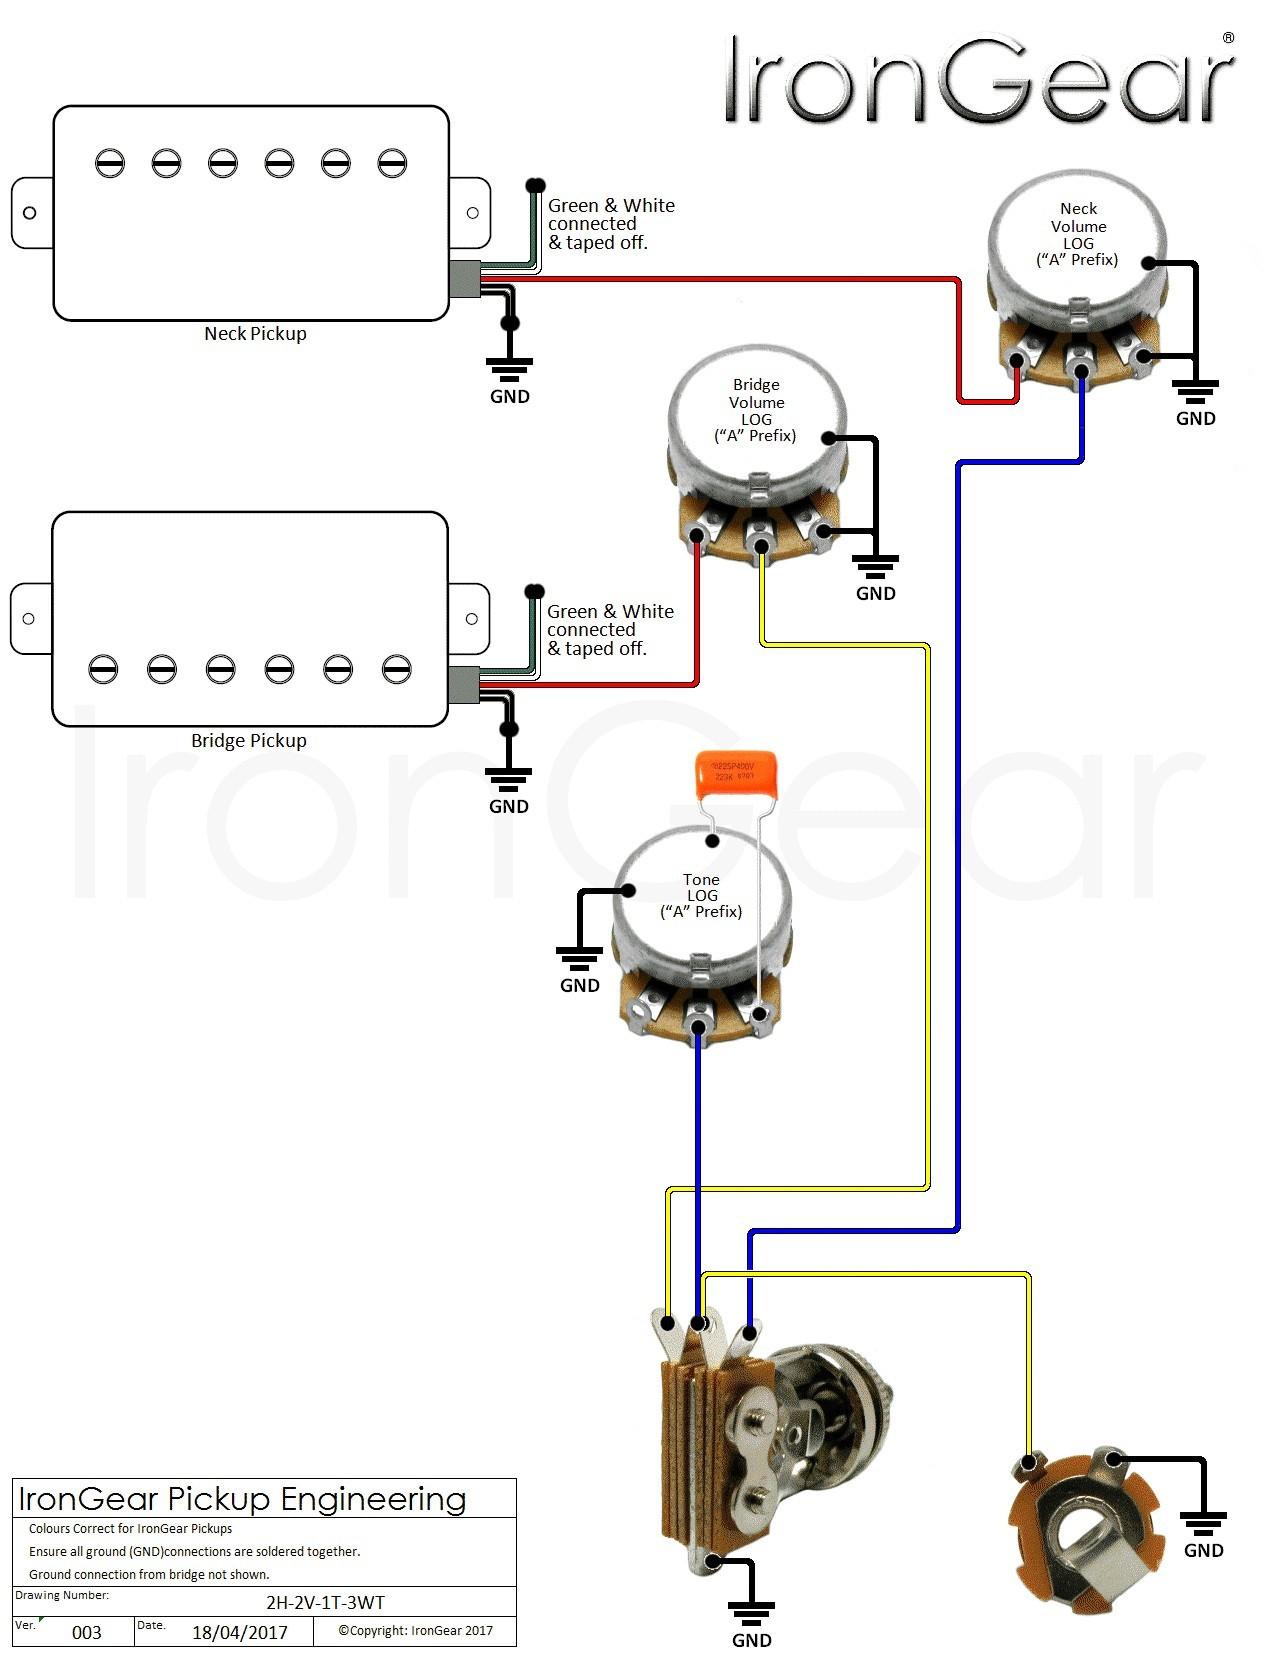 Wiring Diagram 3 Pickup Guitar Fresh Wiring Diagram for A Guitar Fresh Wiring Diagram Guitar 2